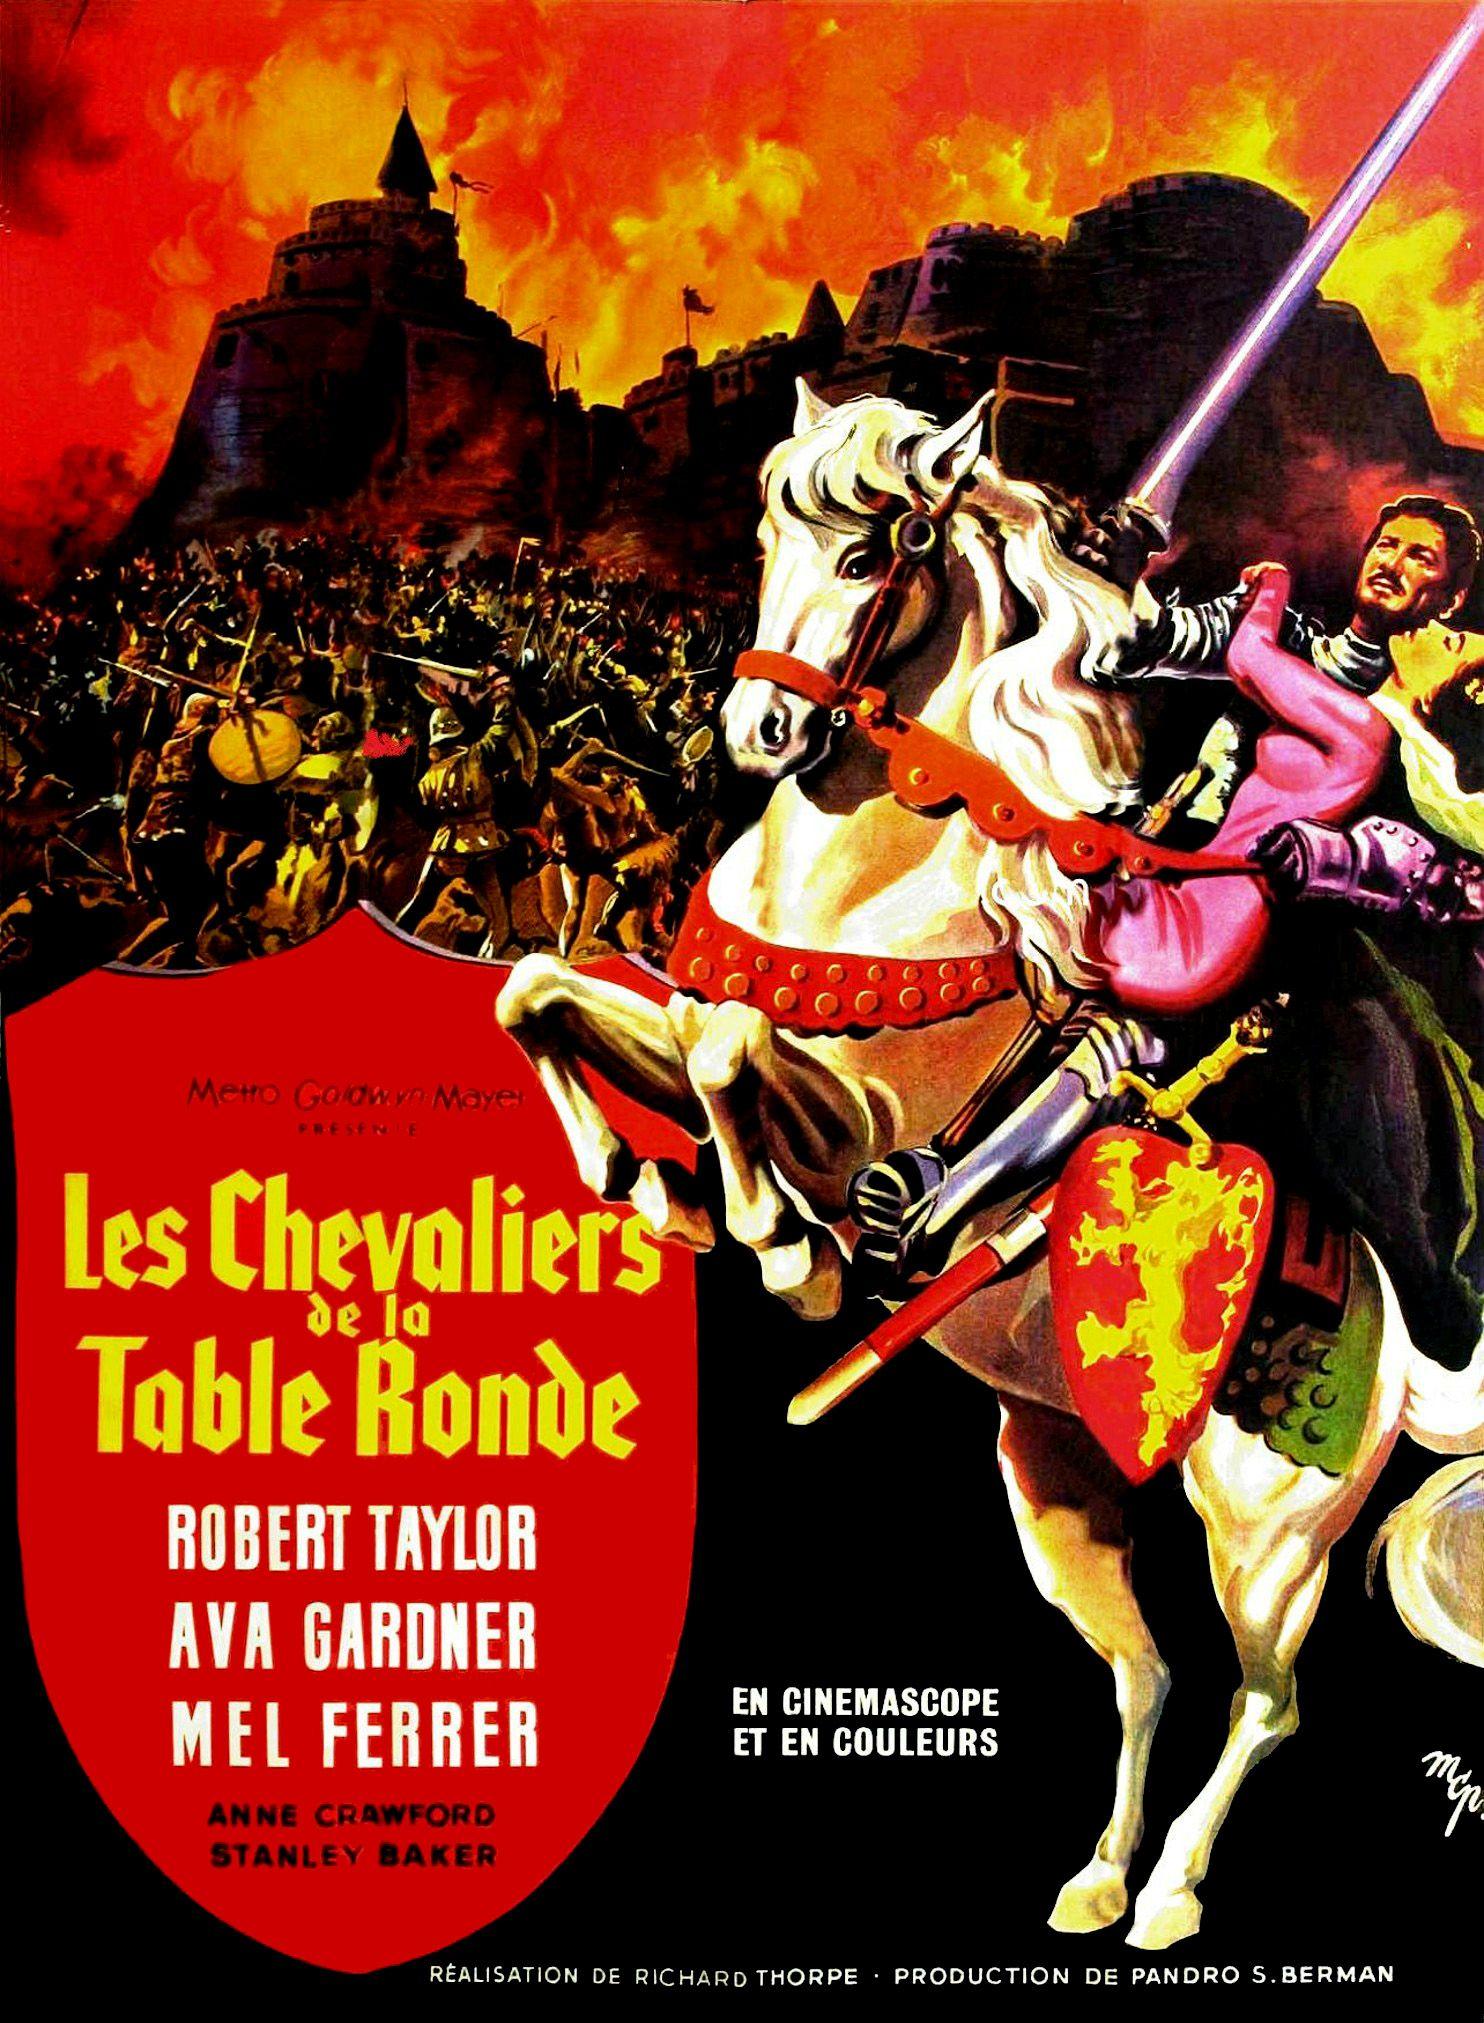 Avis Sur Le Film Les Chevaliers De La Table Ronde 1953 Par